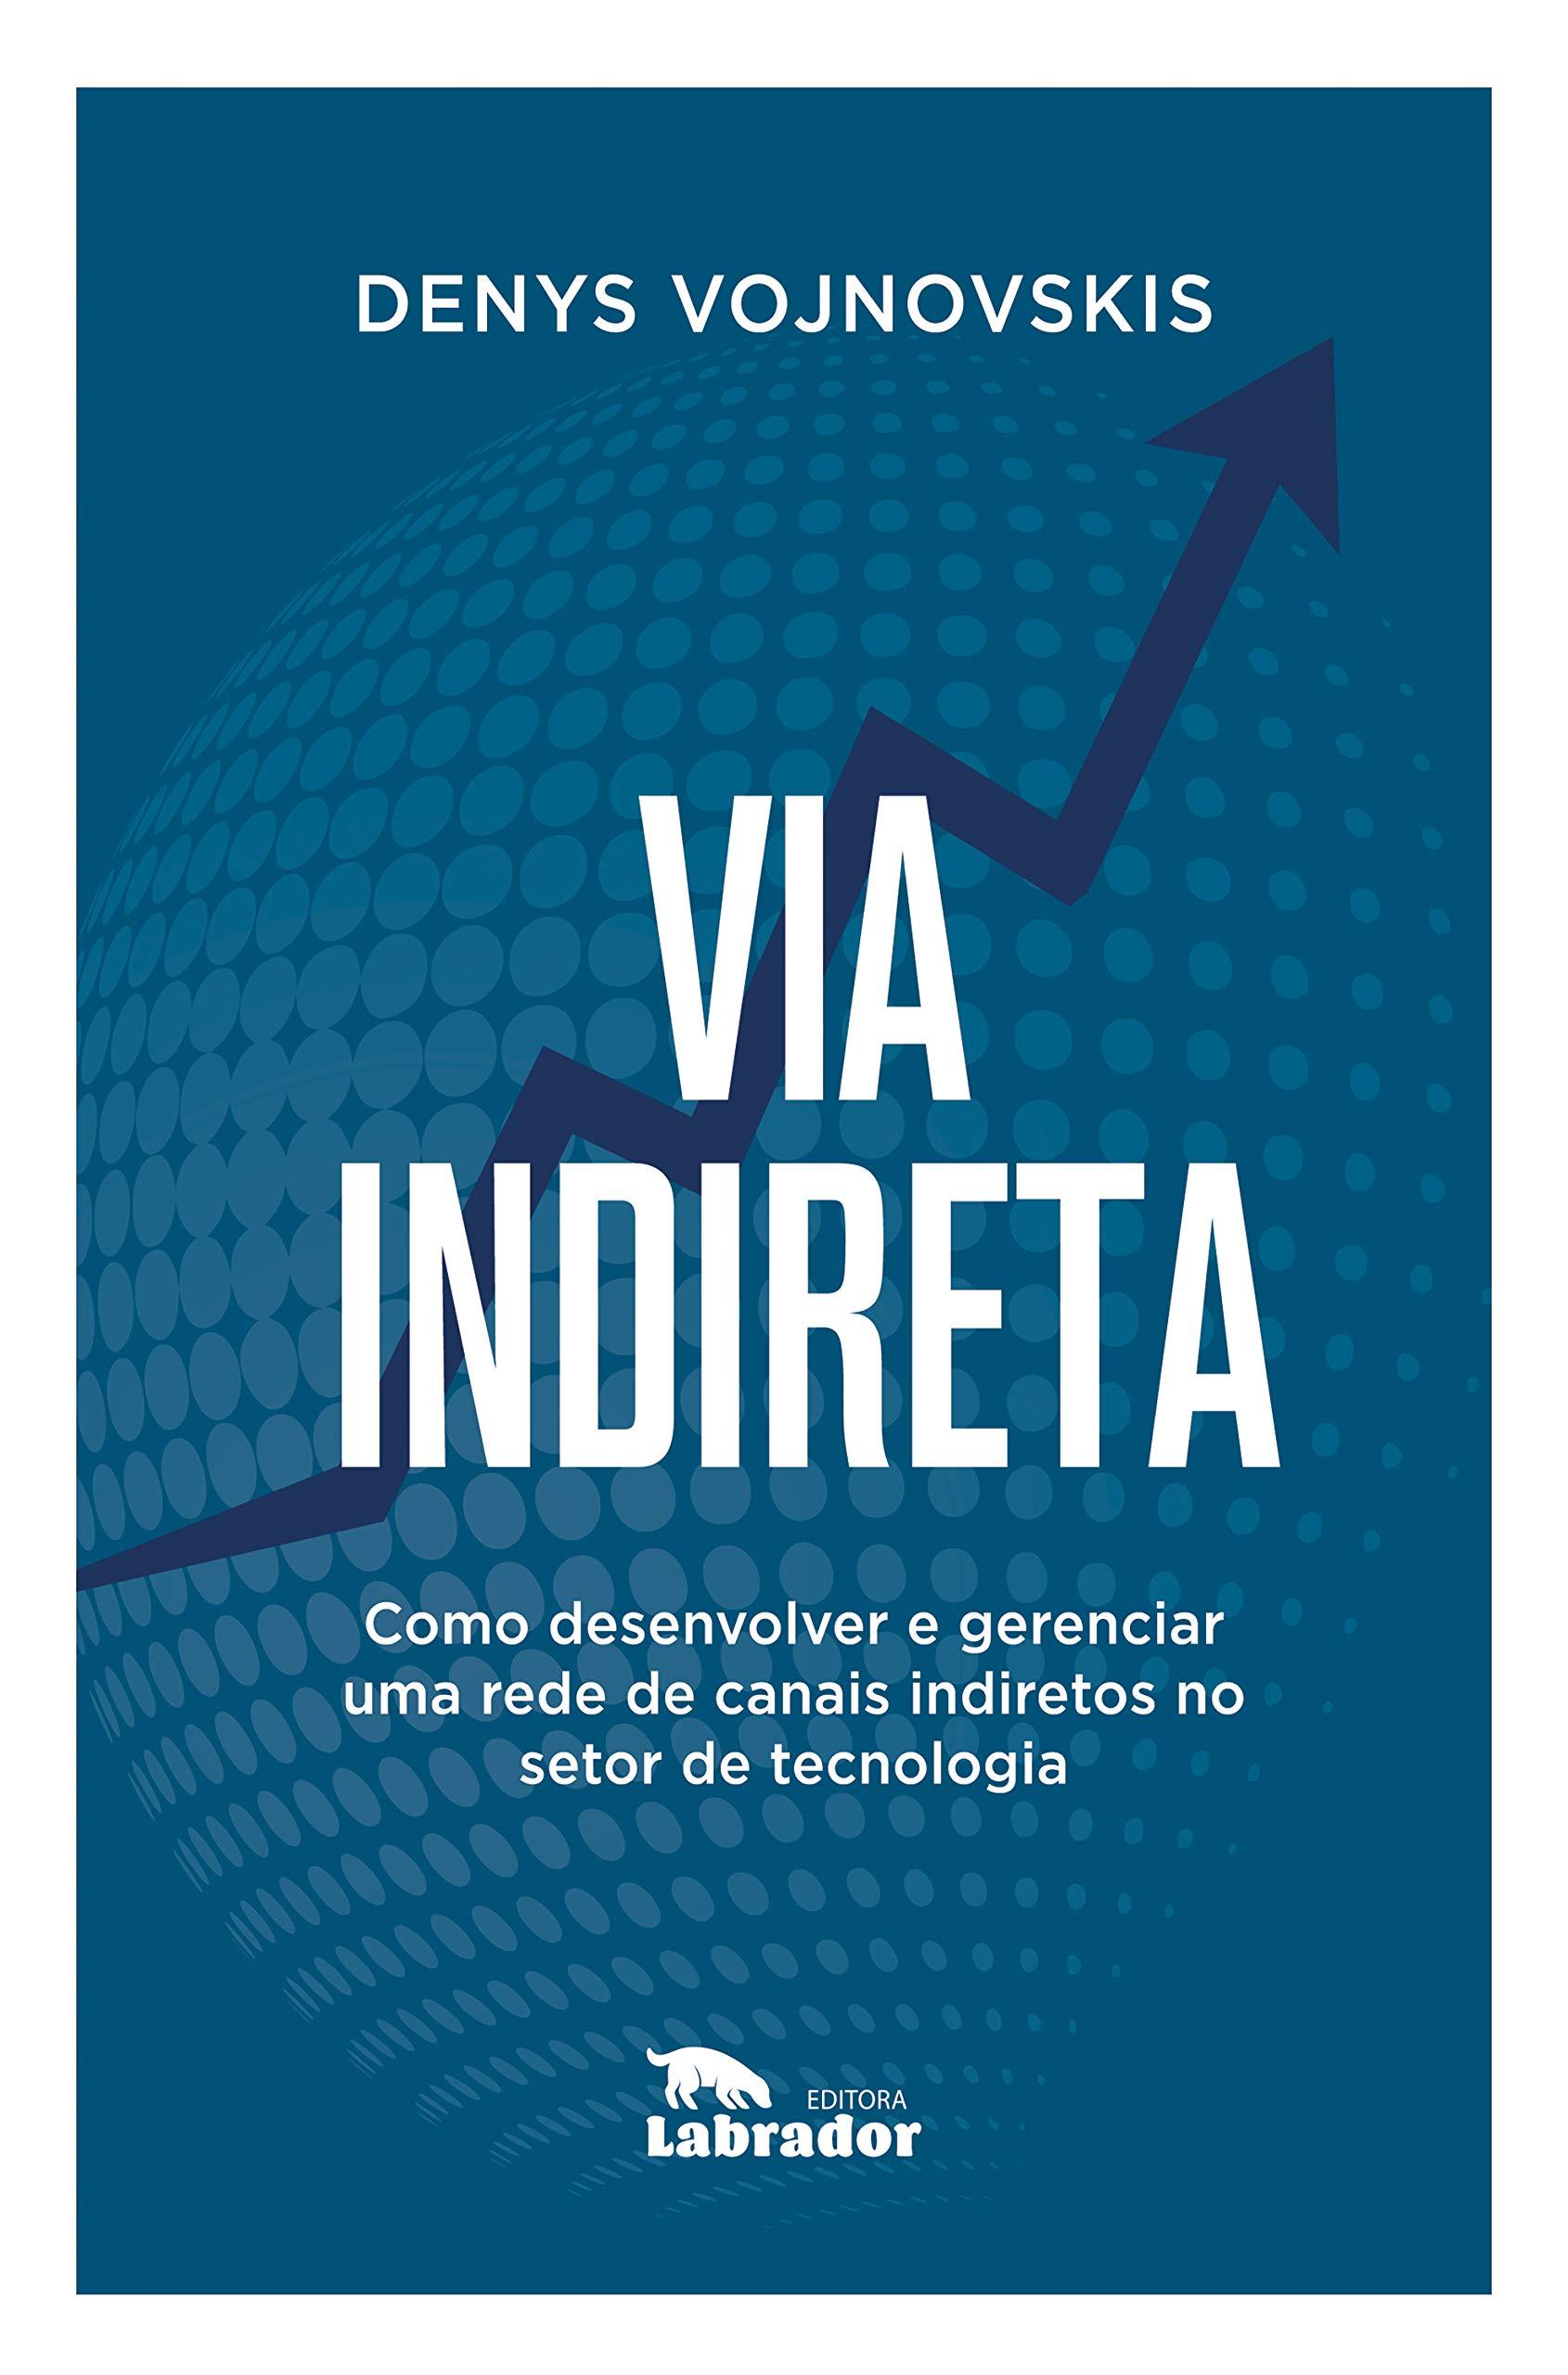 Via indireta: Como desenvolver e gerenciar uma rede de canais indiretos no setor de tecnologia (Portuguese Edition)